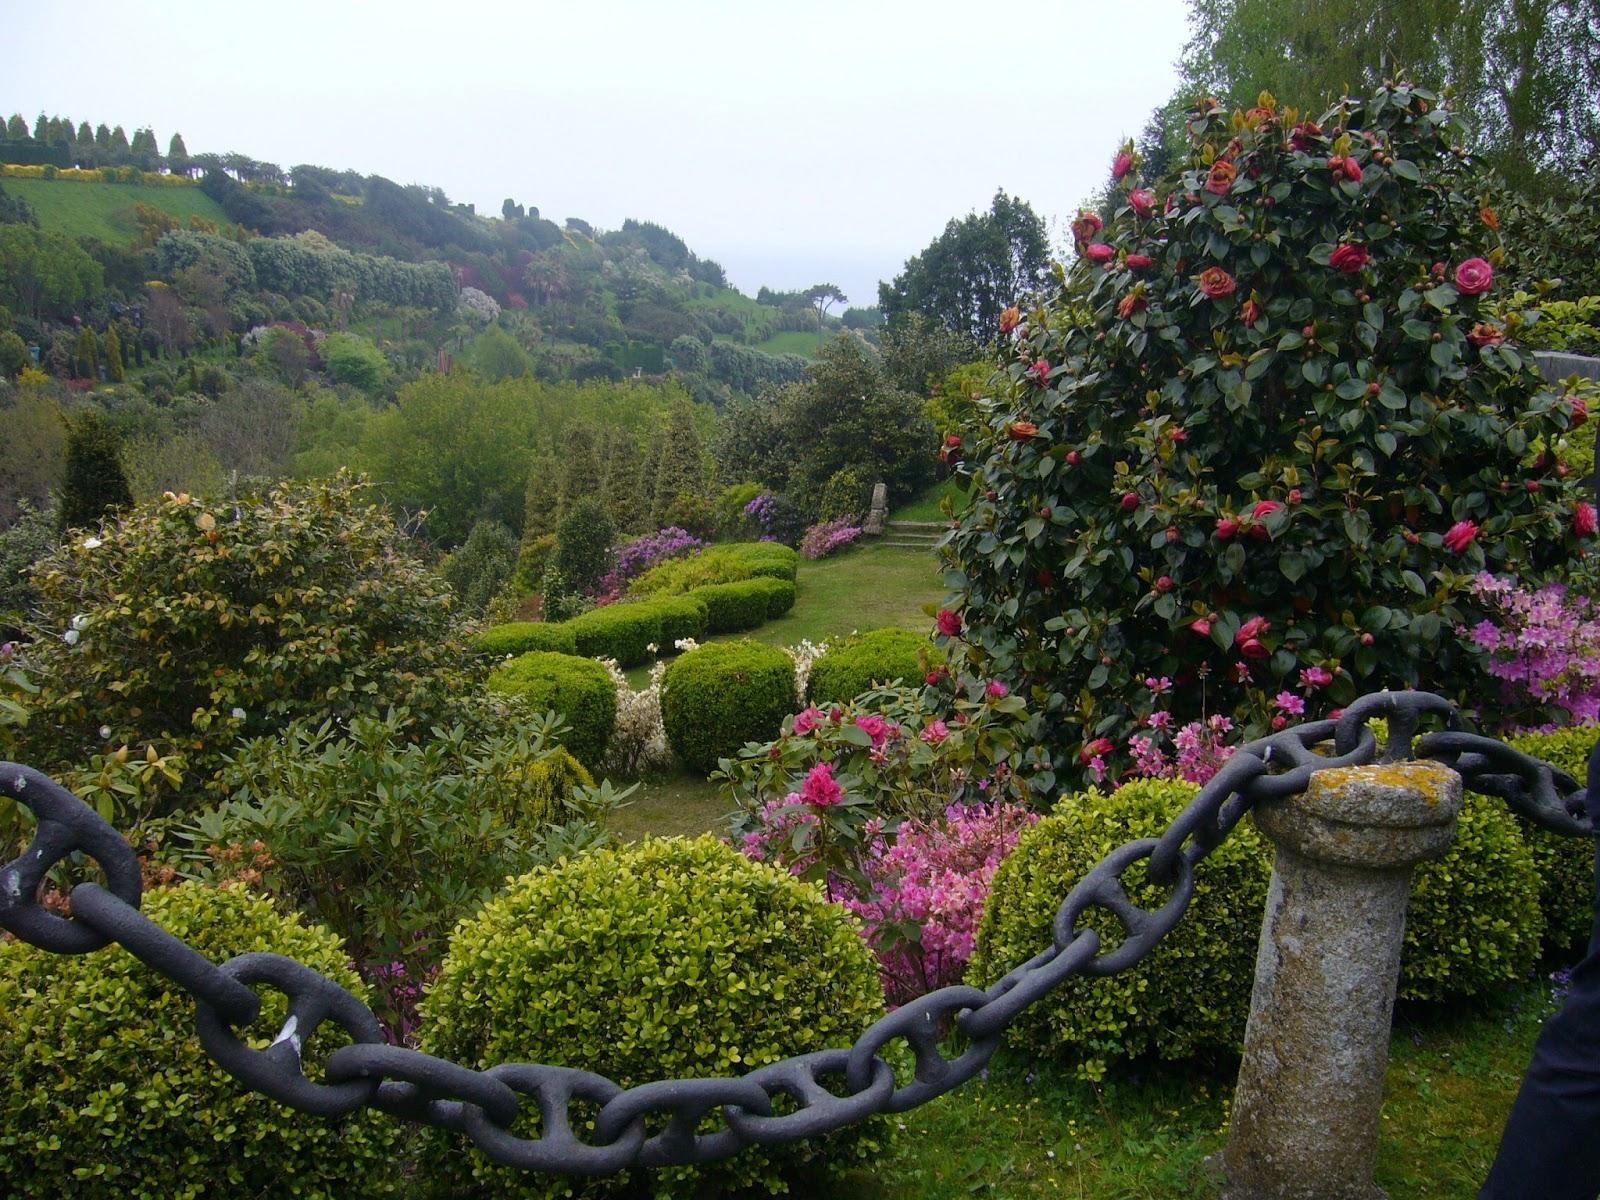 Peque blog art culo del blog jardines de la fonte baixa for Jardines de la fonte baixa